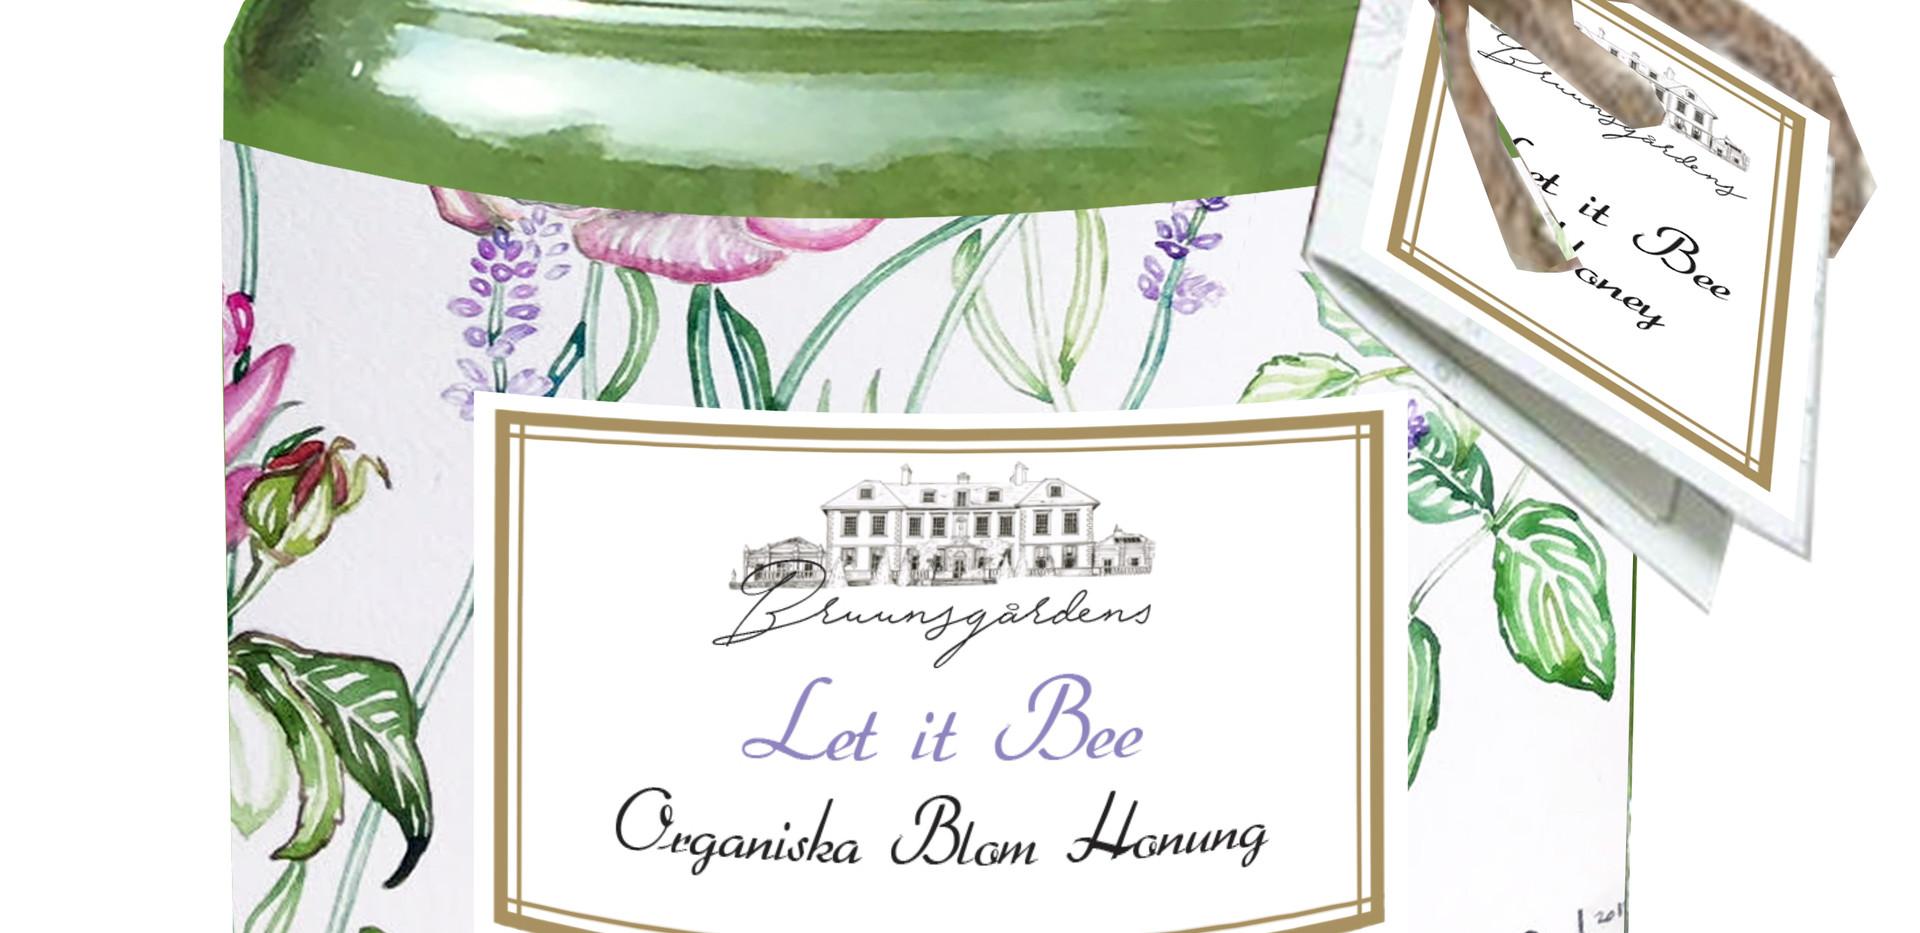 Bruunsgarden Honung - Front Lavender .jp